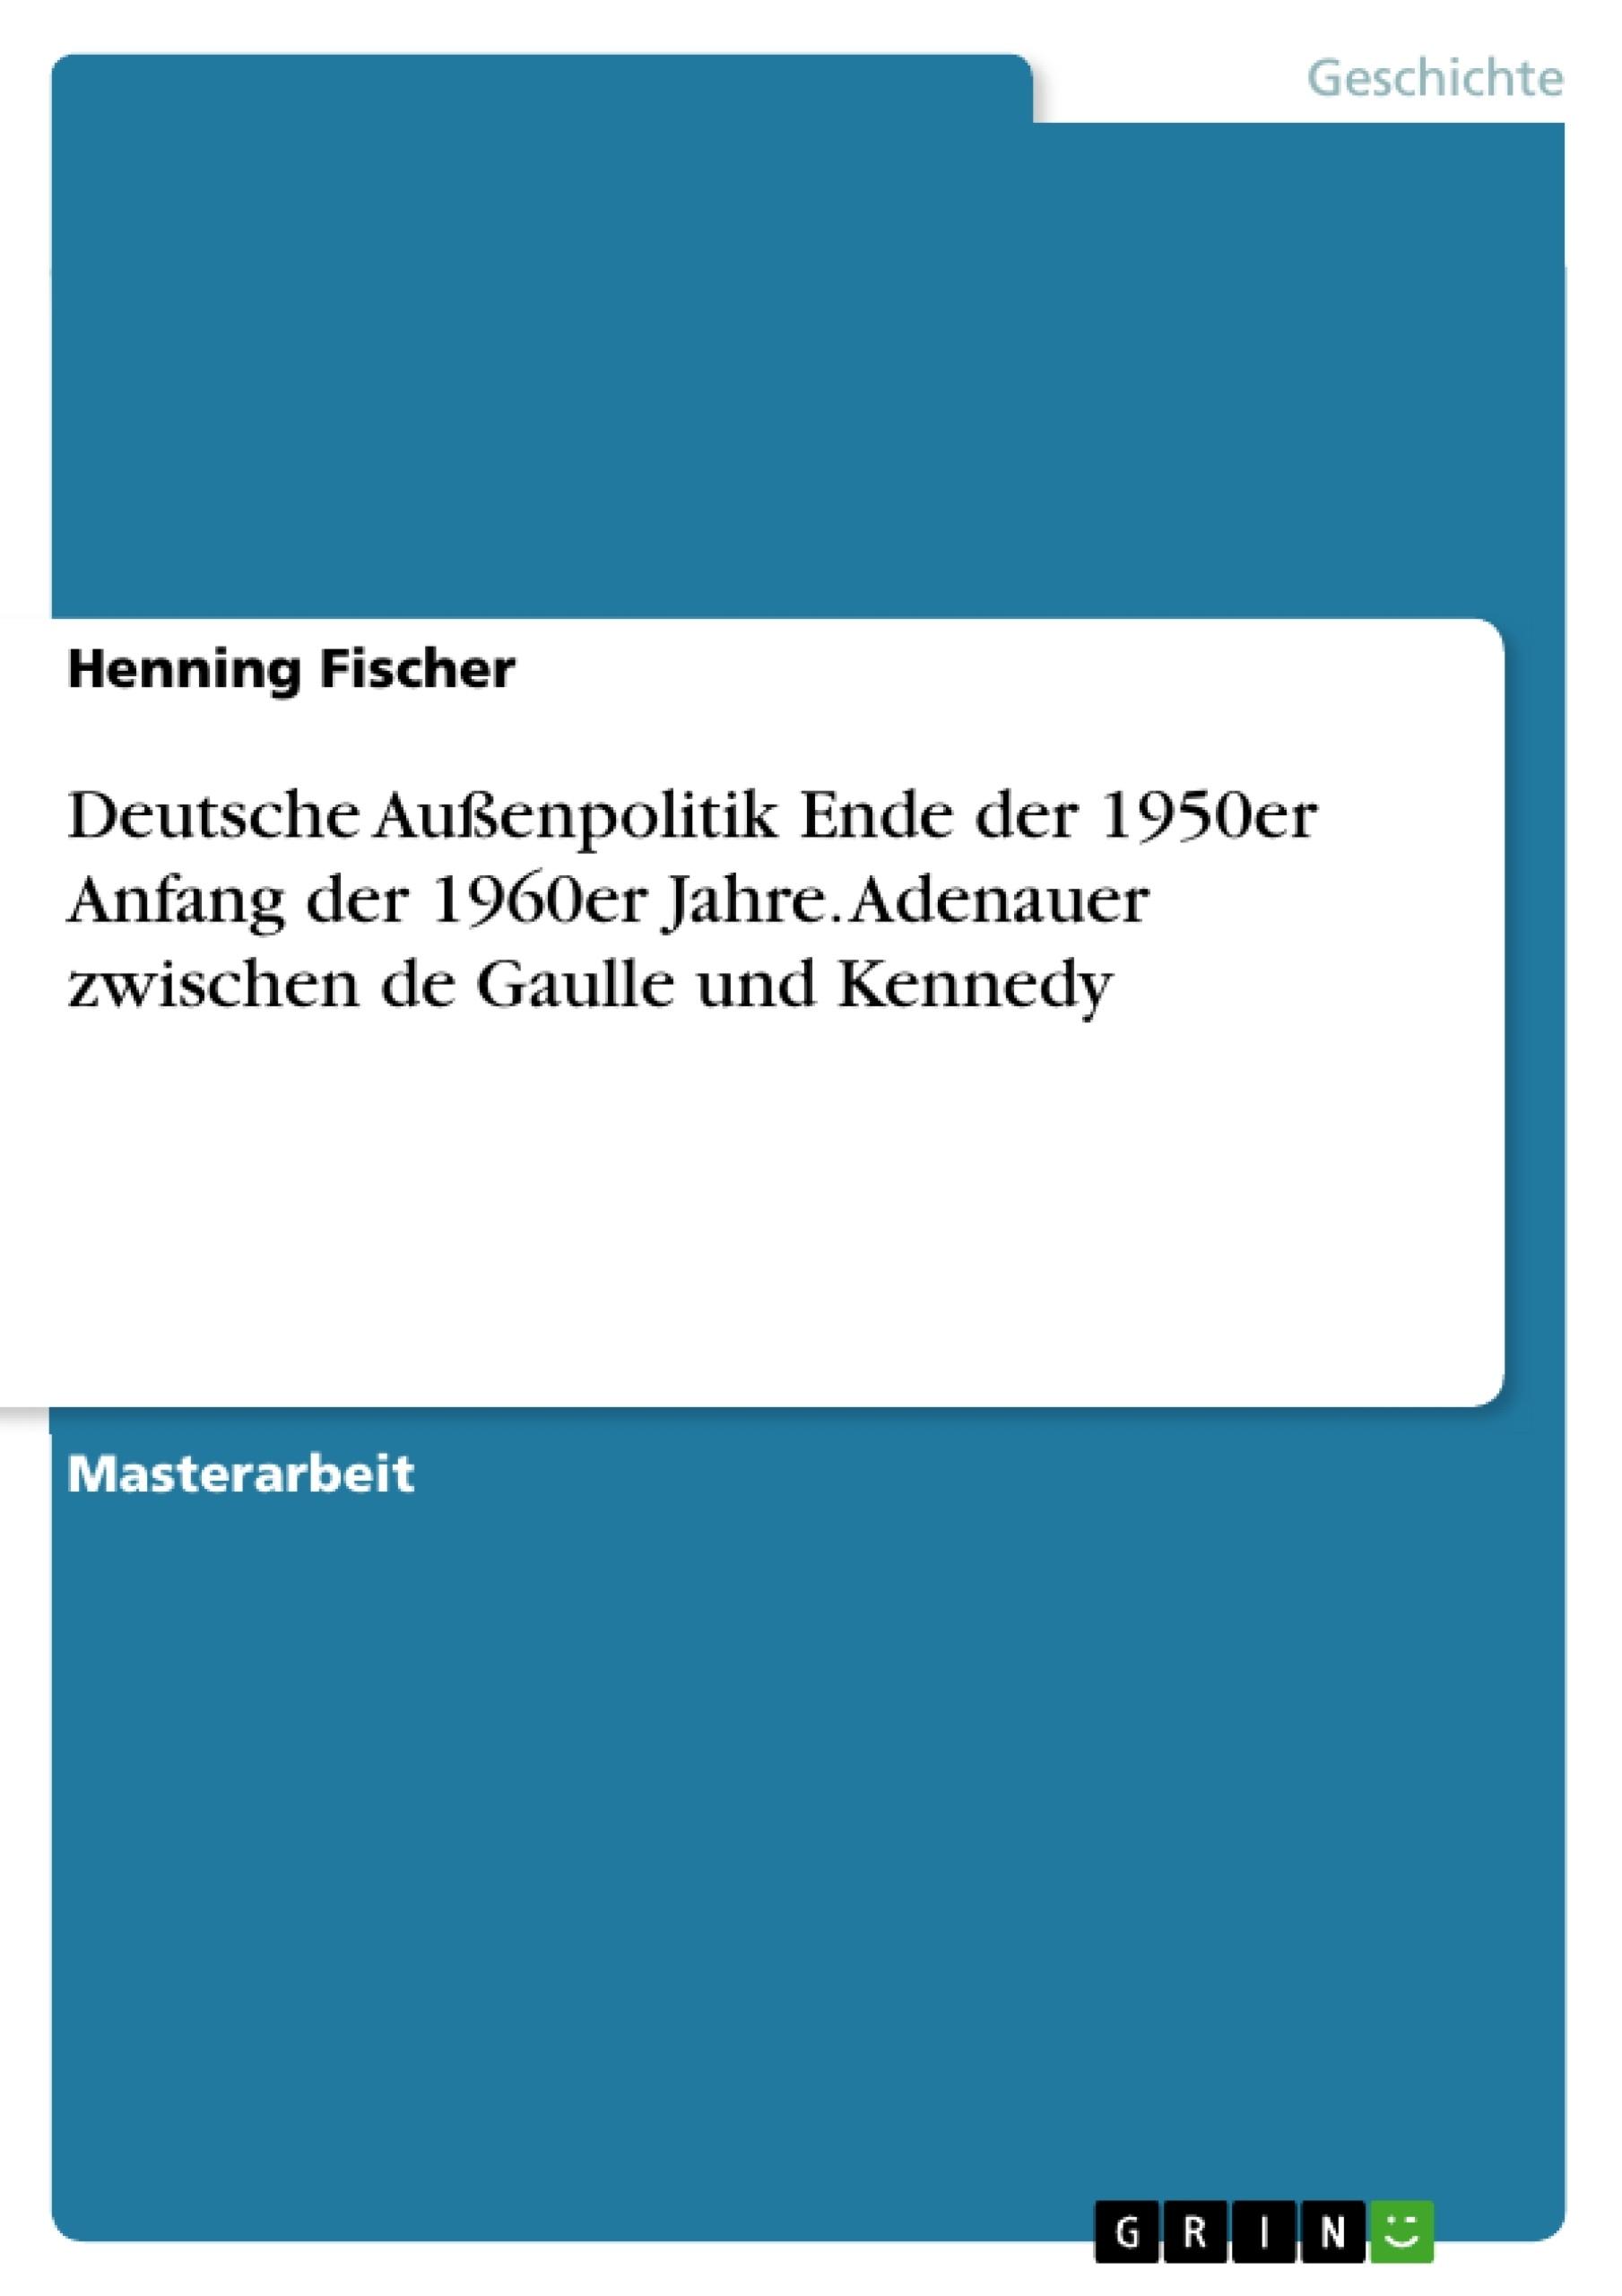 Titel: Deutsche Außenpolitik Ende der 1950er Anfang der 1960er Jahre. Adenauer zwischen de Gaulle und Kennedy